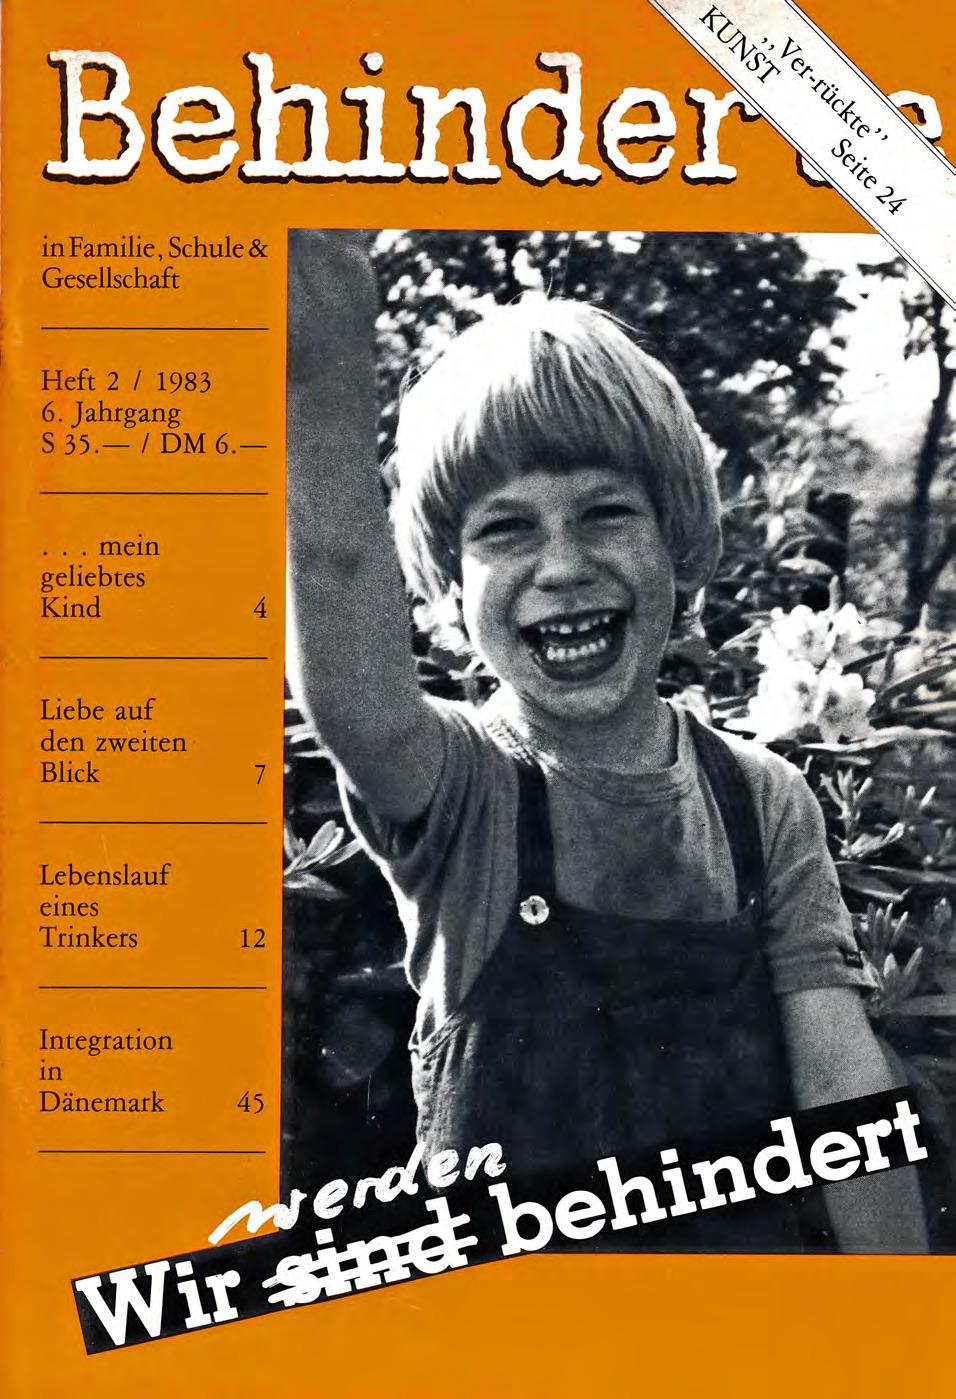 """Titelbild der Zeitschrift BEHINDERTE MENSCHEN, Ausgabe 2/1983 """"Wir werden behindert"""""""